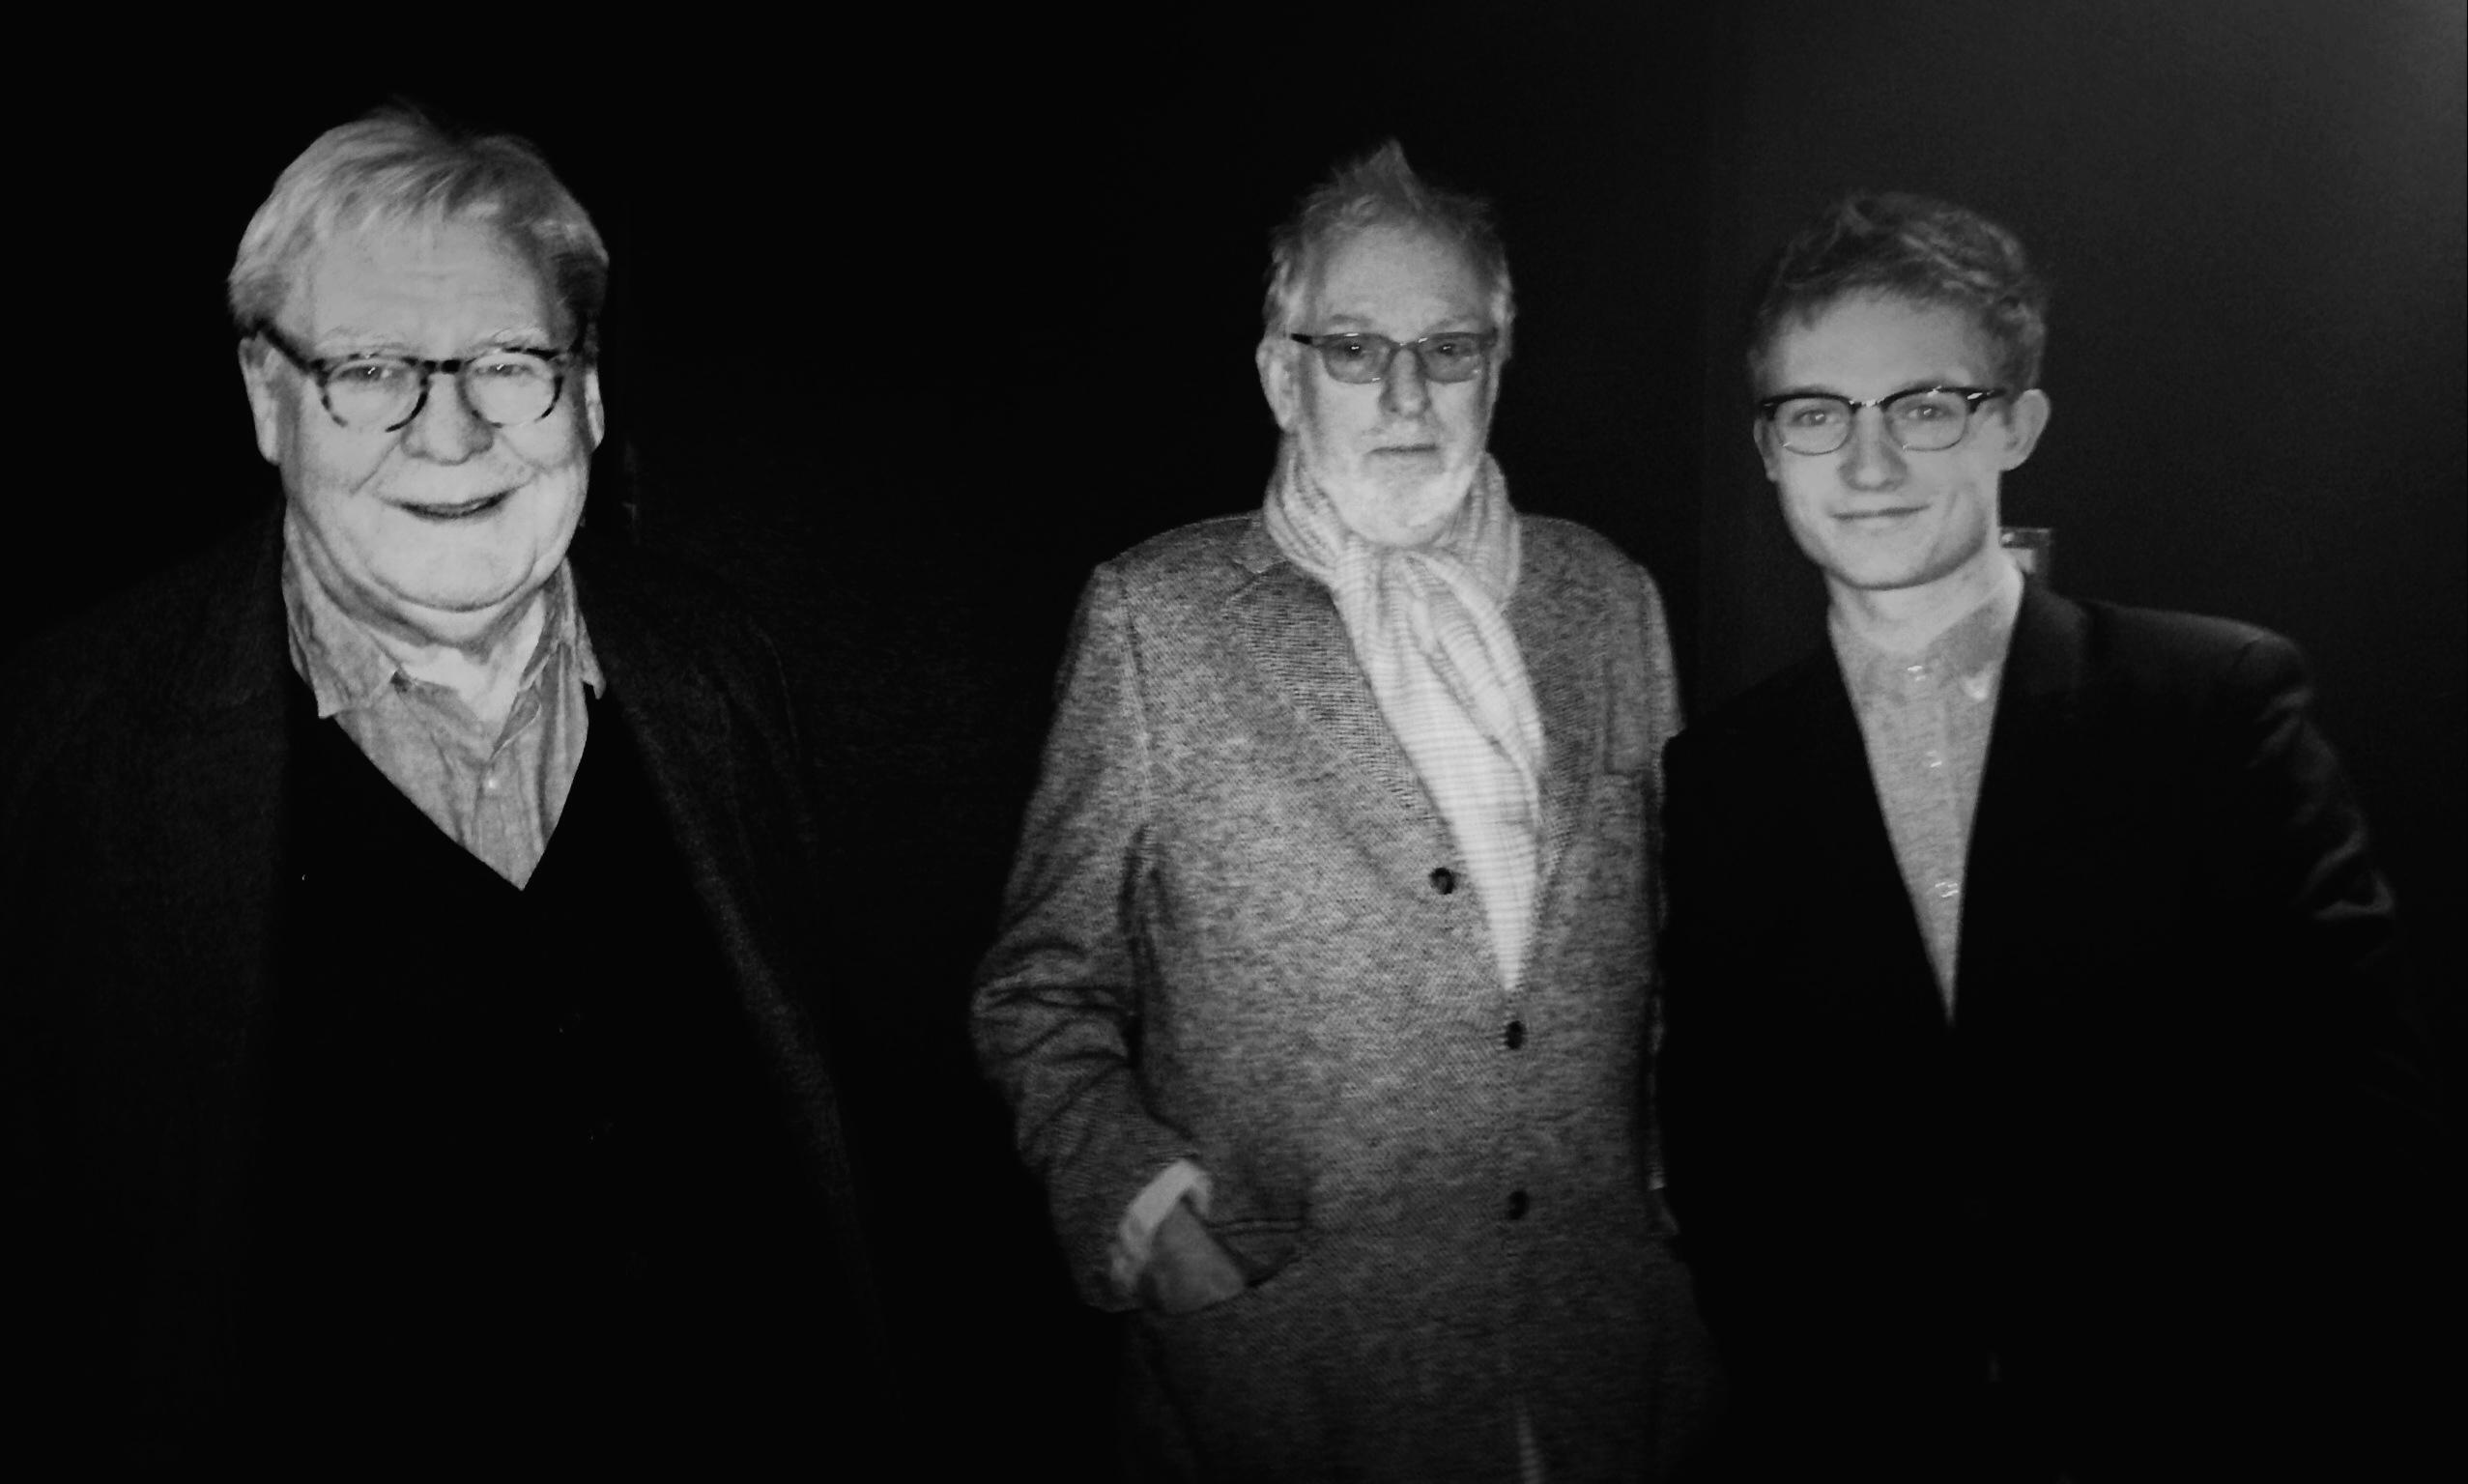 Hugh Hudson (en el centro en la foto) director de Carros de Fuego por cuya banda sonora Vangelis obtuvo su primer premio Oscar en 1982